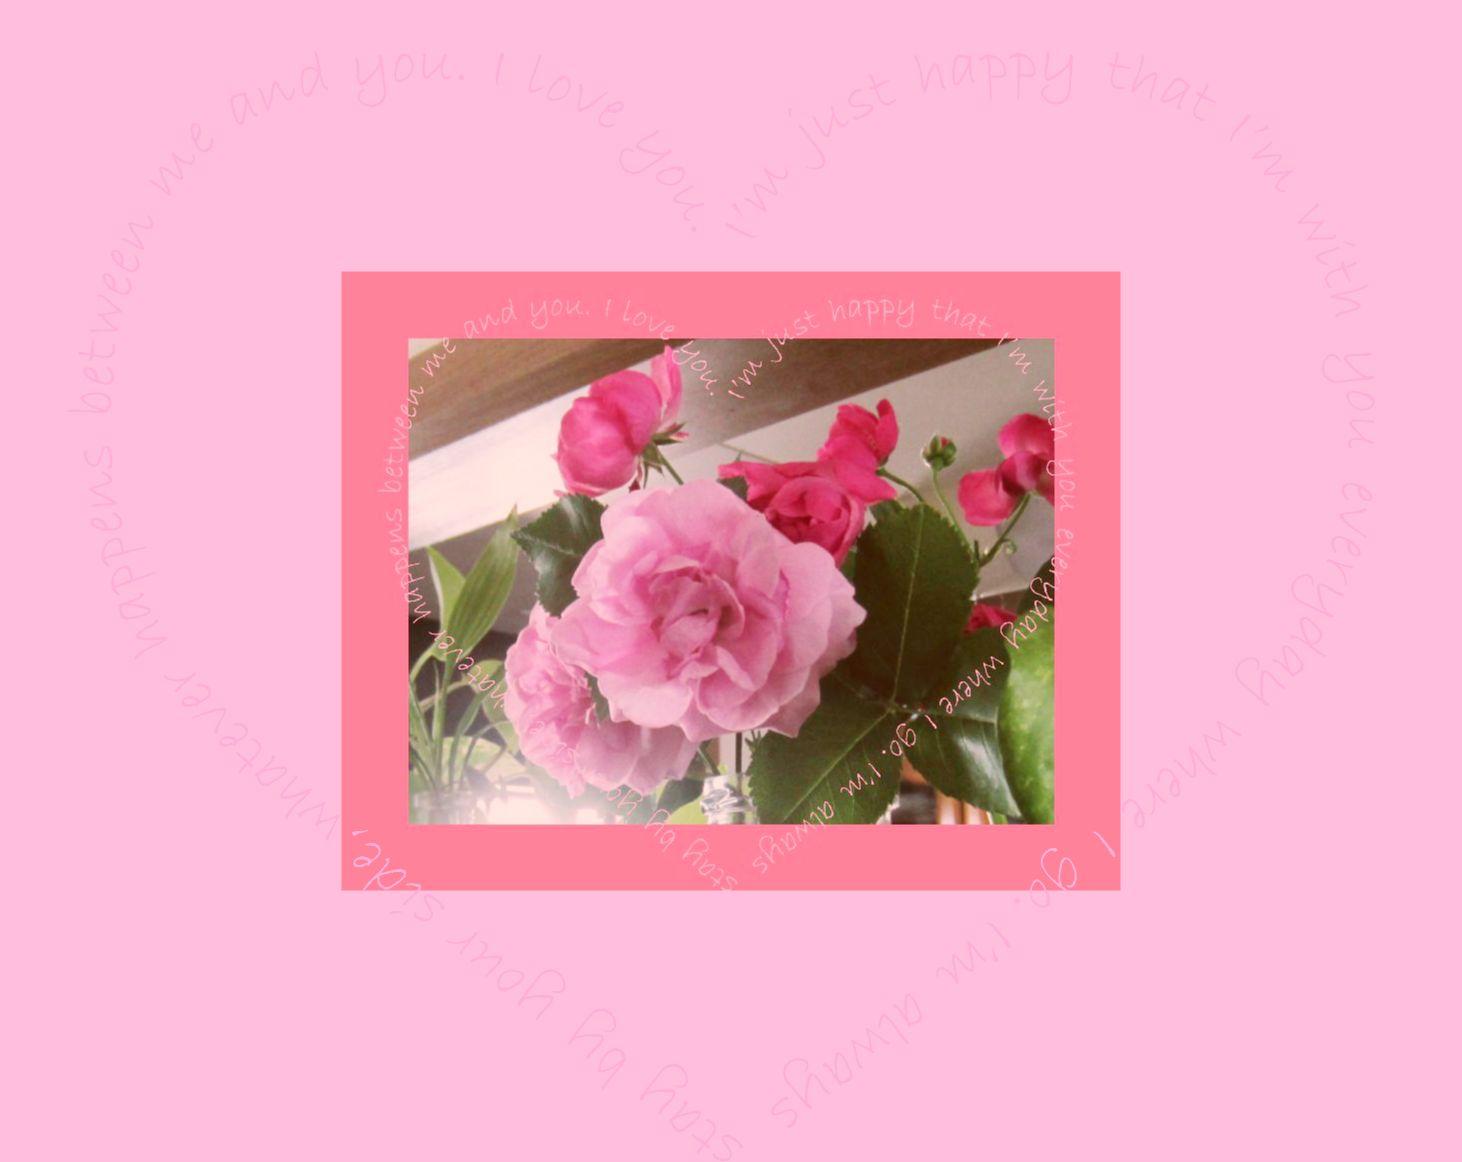 b0139860_1641843.jpg